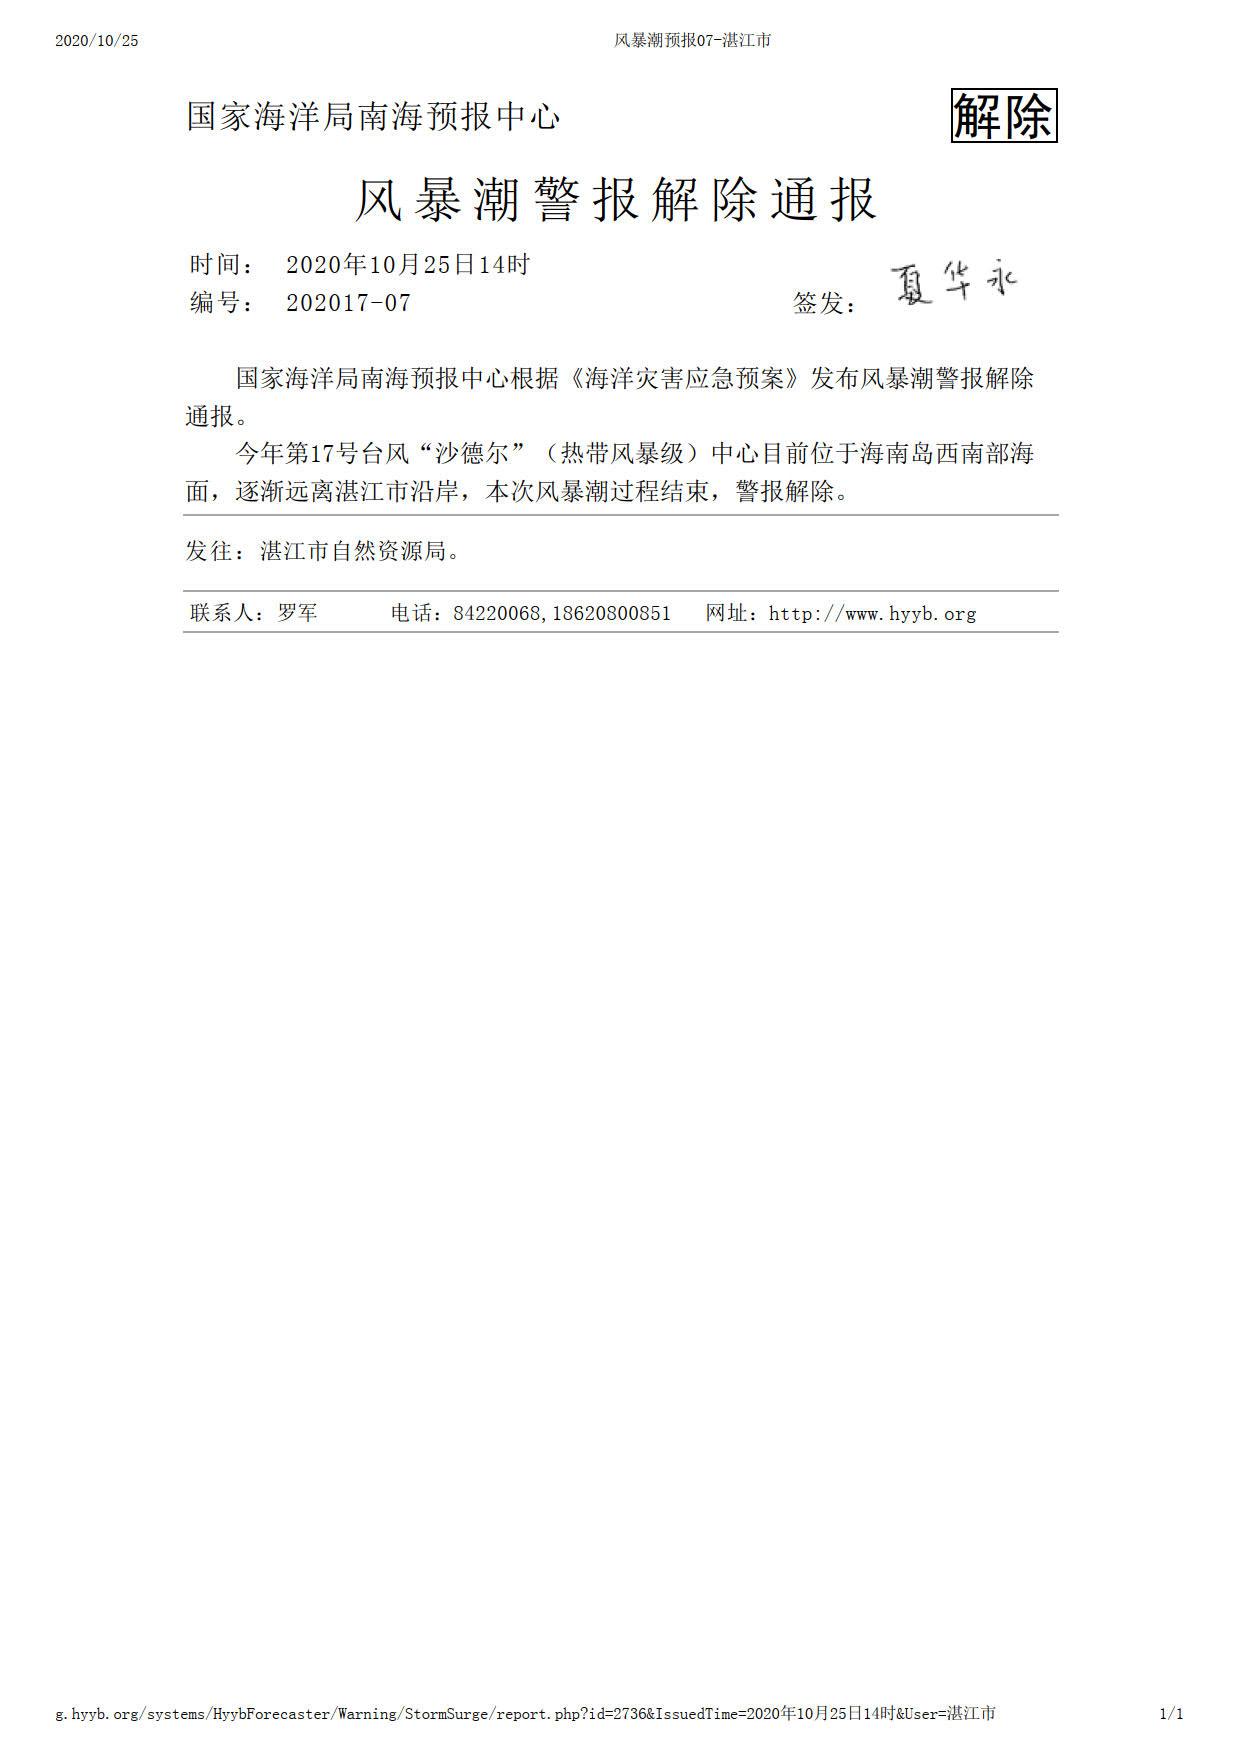 风暴潮警报解除通报07-湛江市2020年10月25日14:00时.jpg